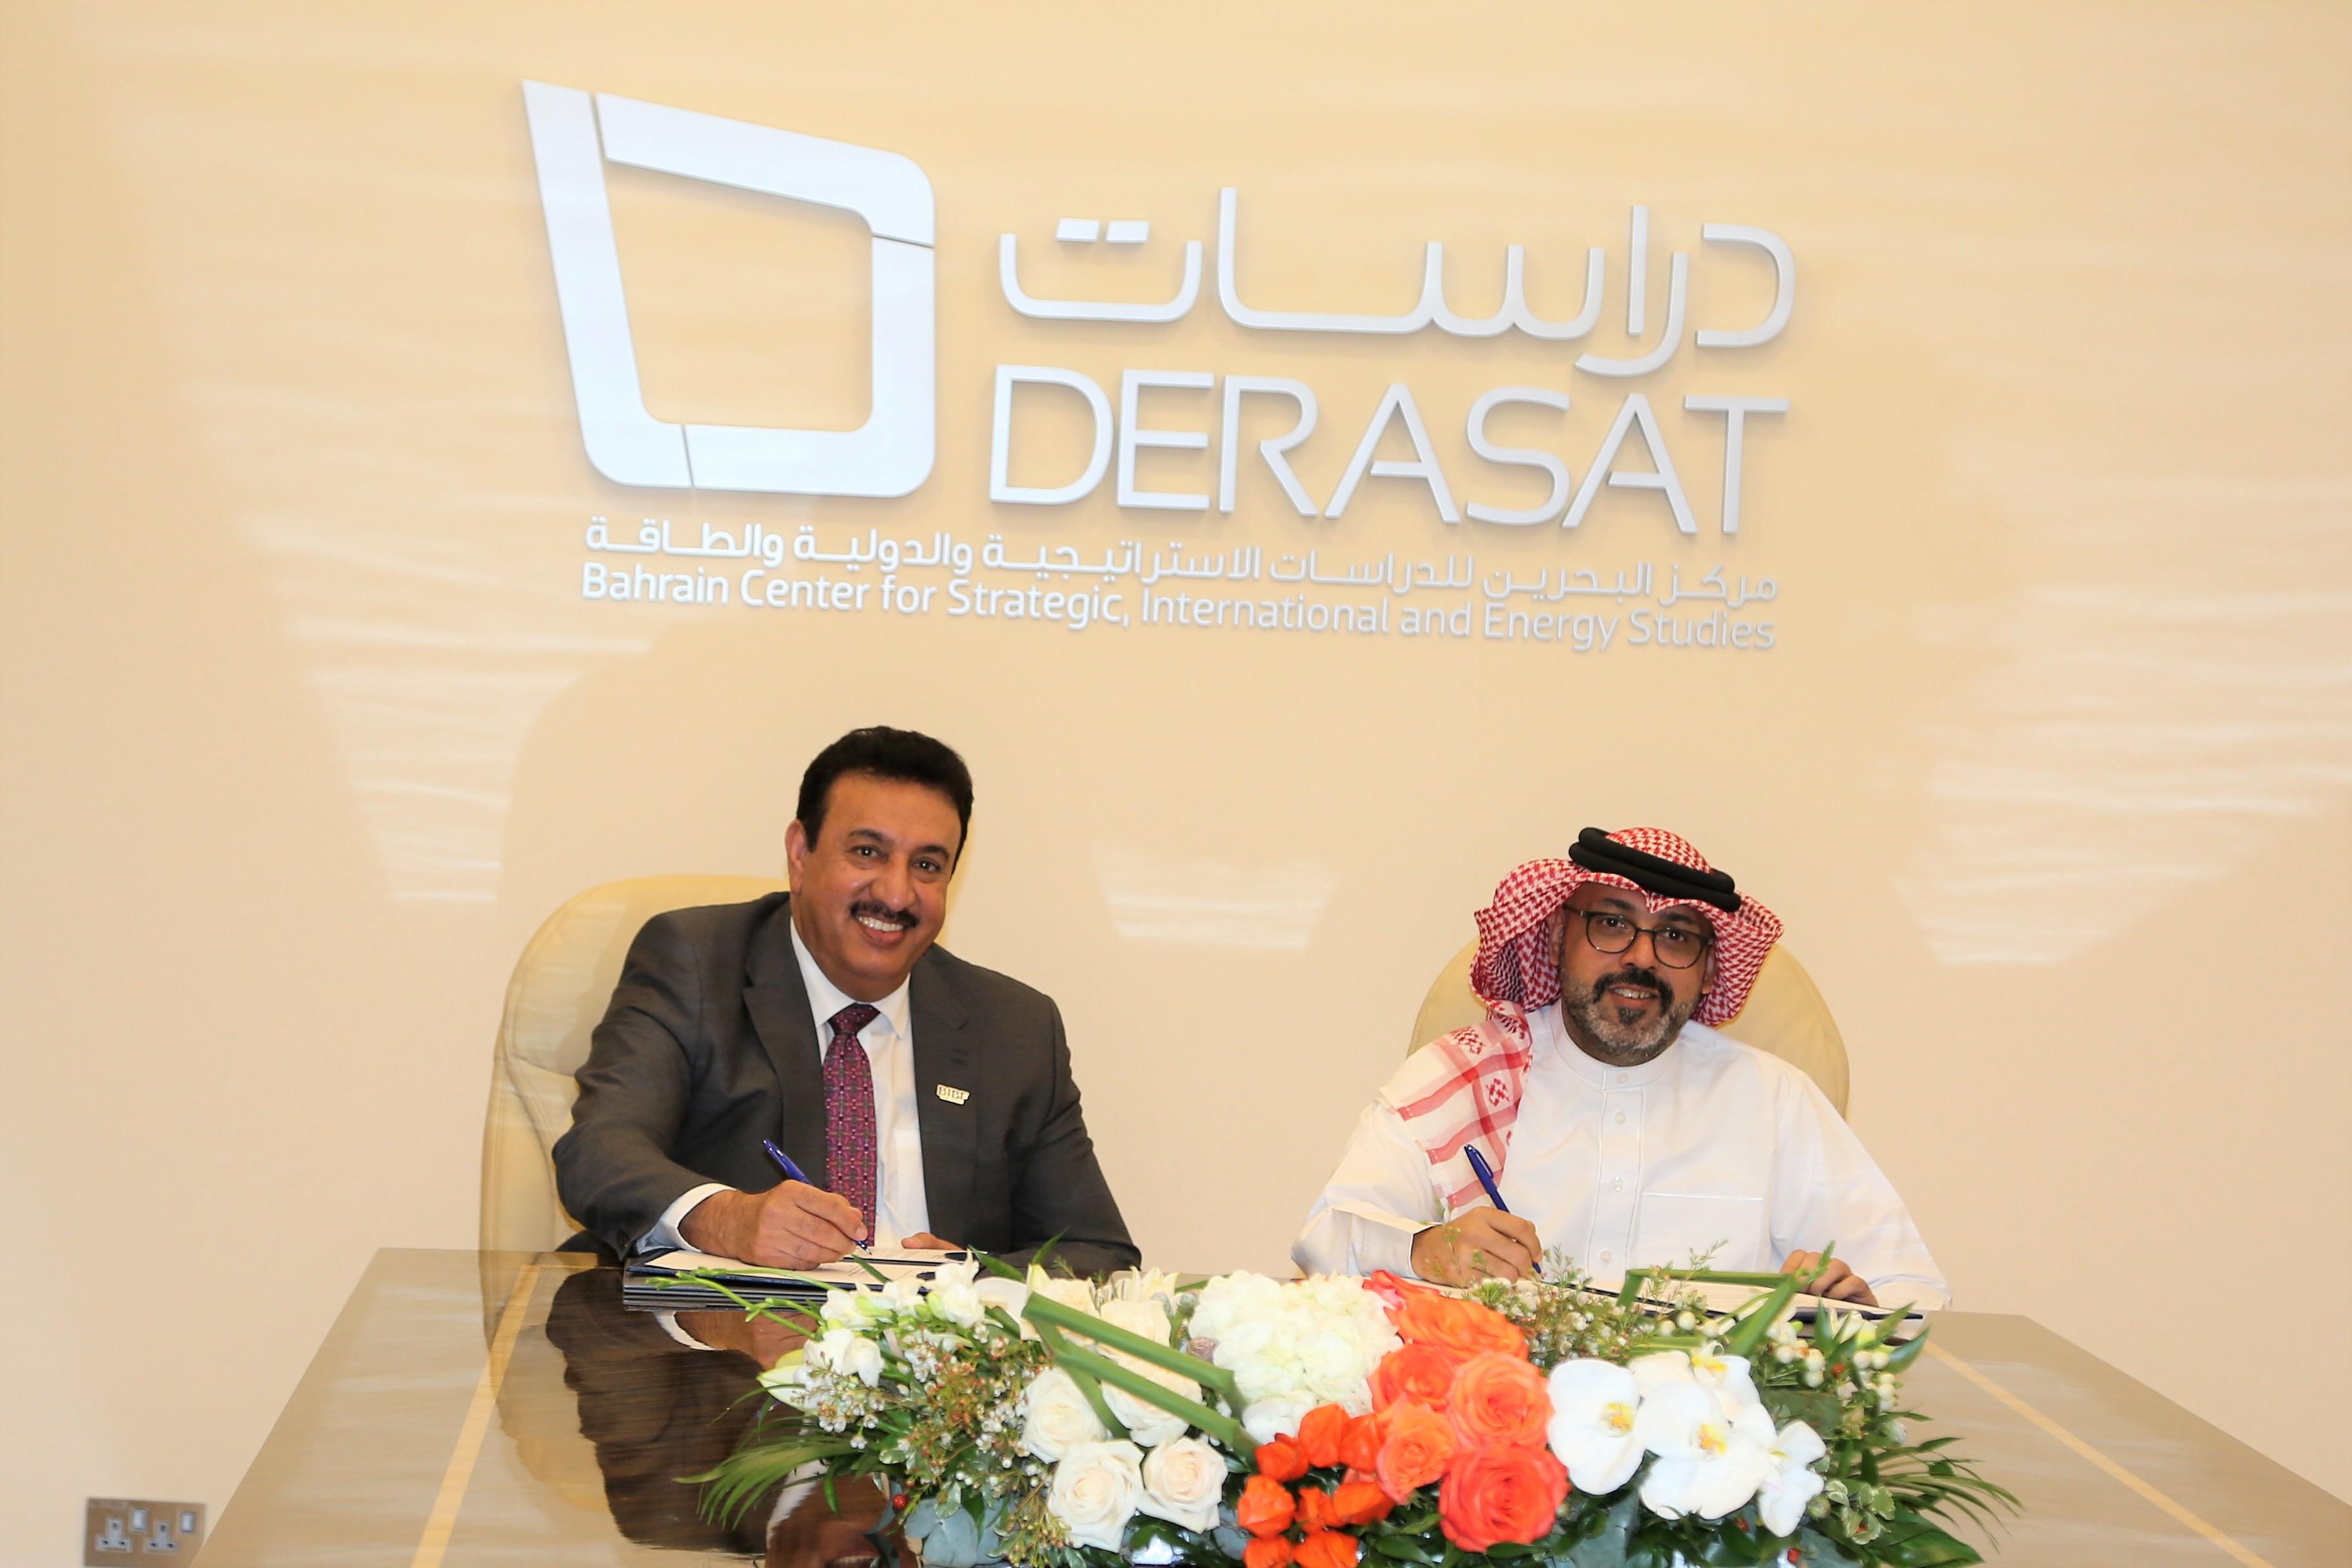 مركز دراسات يوقع مع معهد البحرين للدراسات المصرفية والمالية اتفاقية تعاون بحثي وعلمي